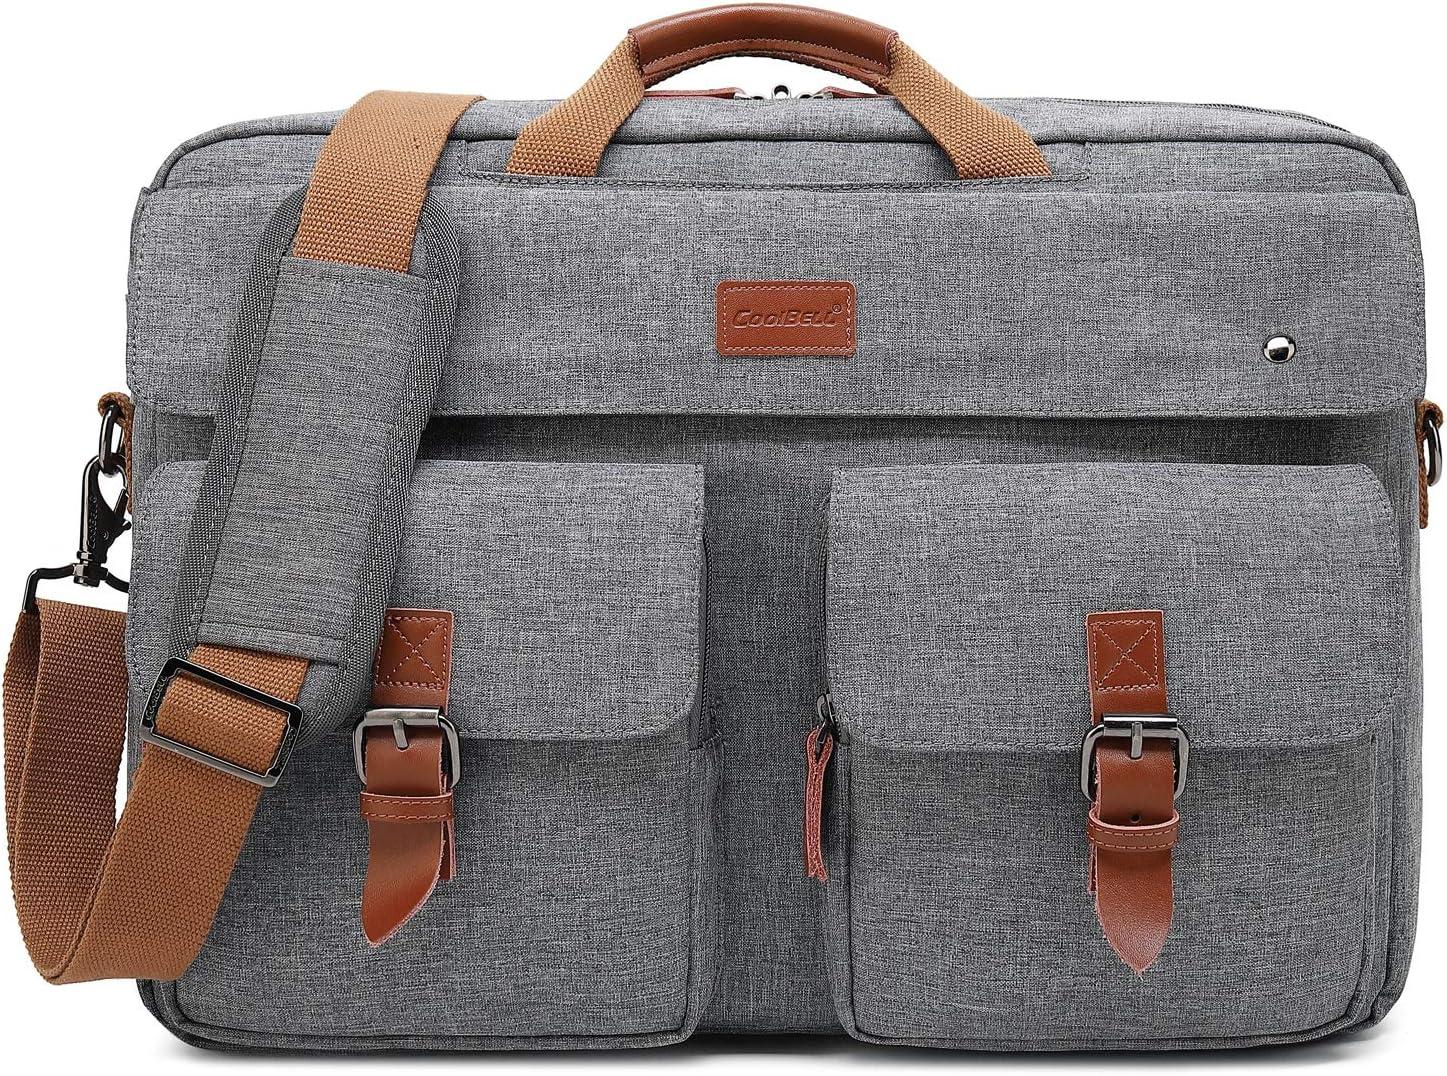 CoolBELL Convertible Messenger Bag Backpack Laptop Shoulder Bag Business Briefcase Leisure Handbag Multi-Functional Travel Bag Fits 17.3 Inch Laptop for Men Women College Grey